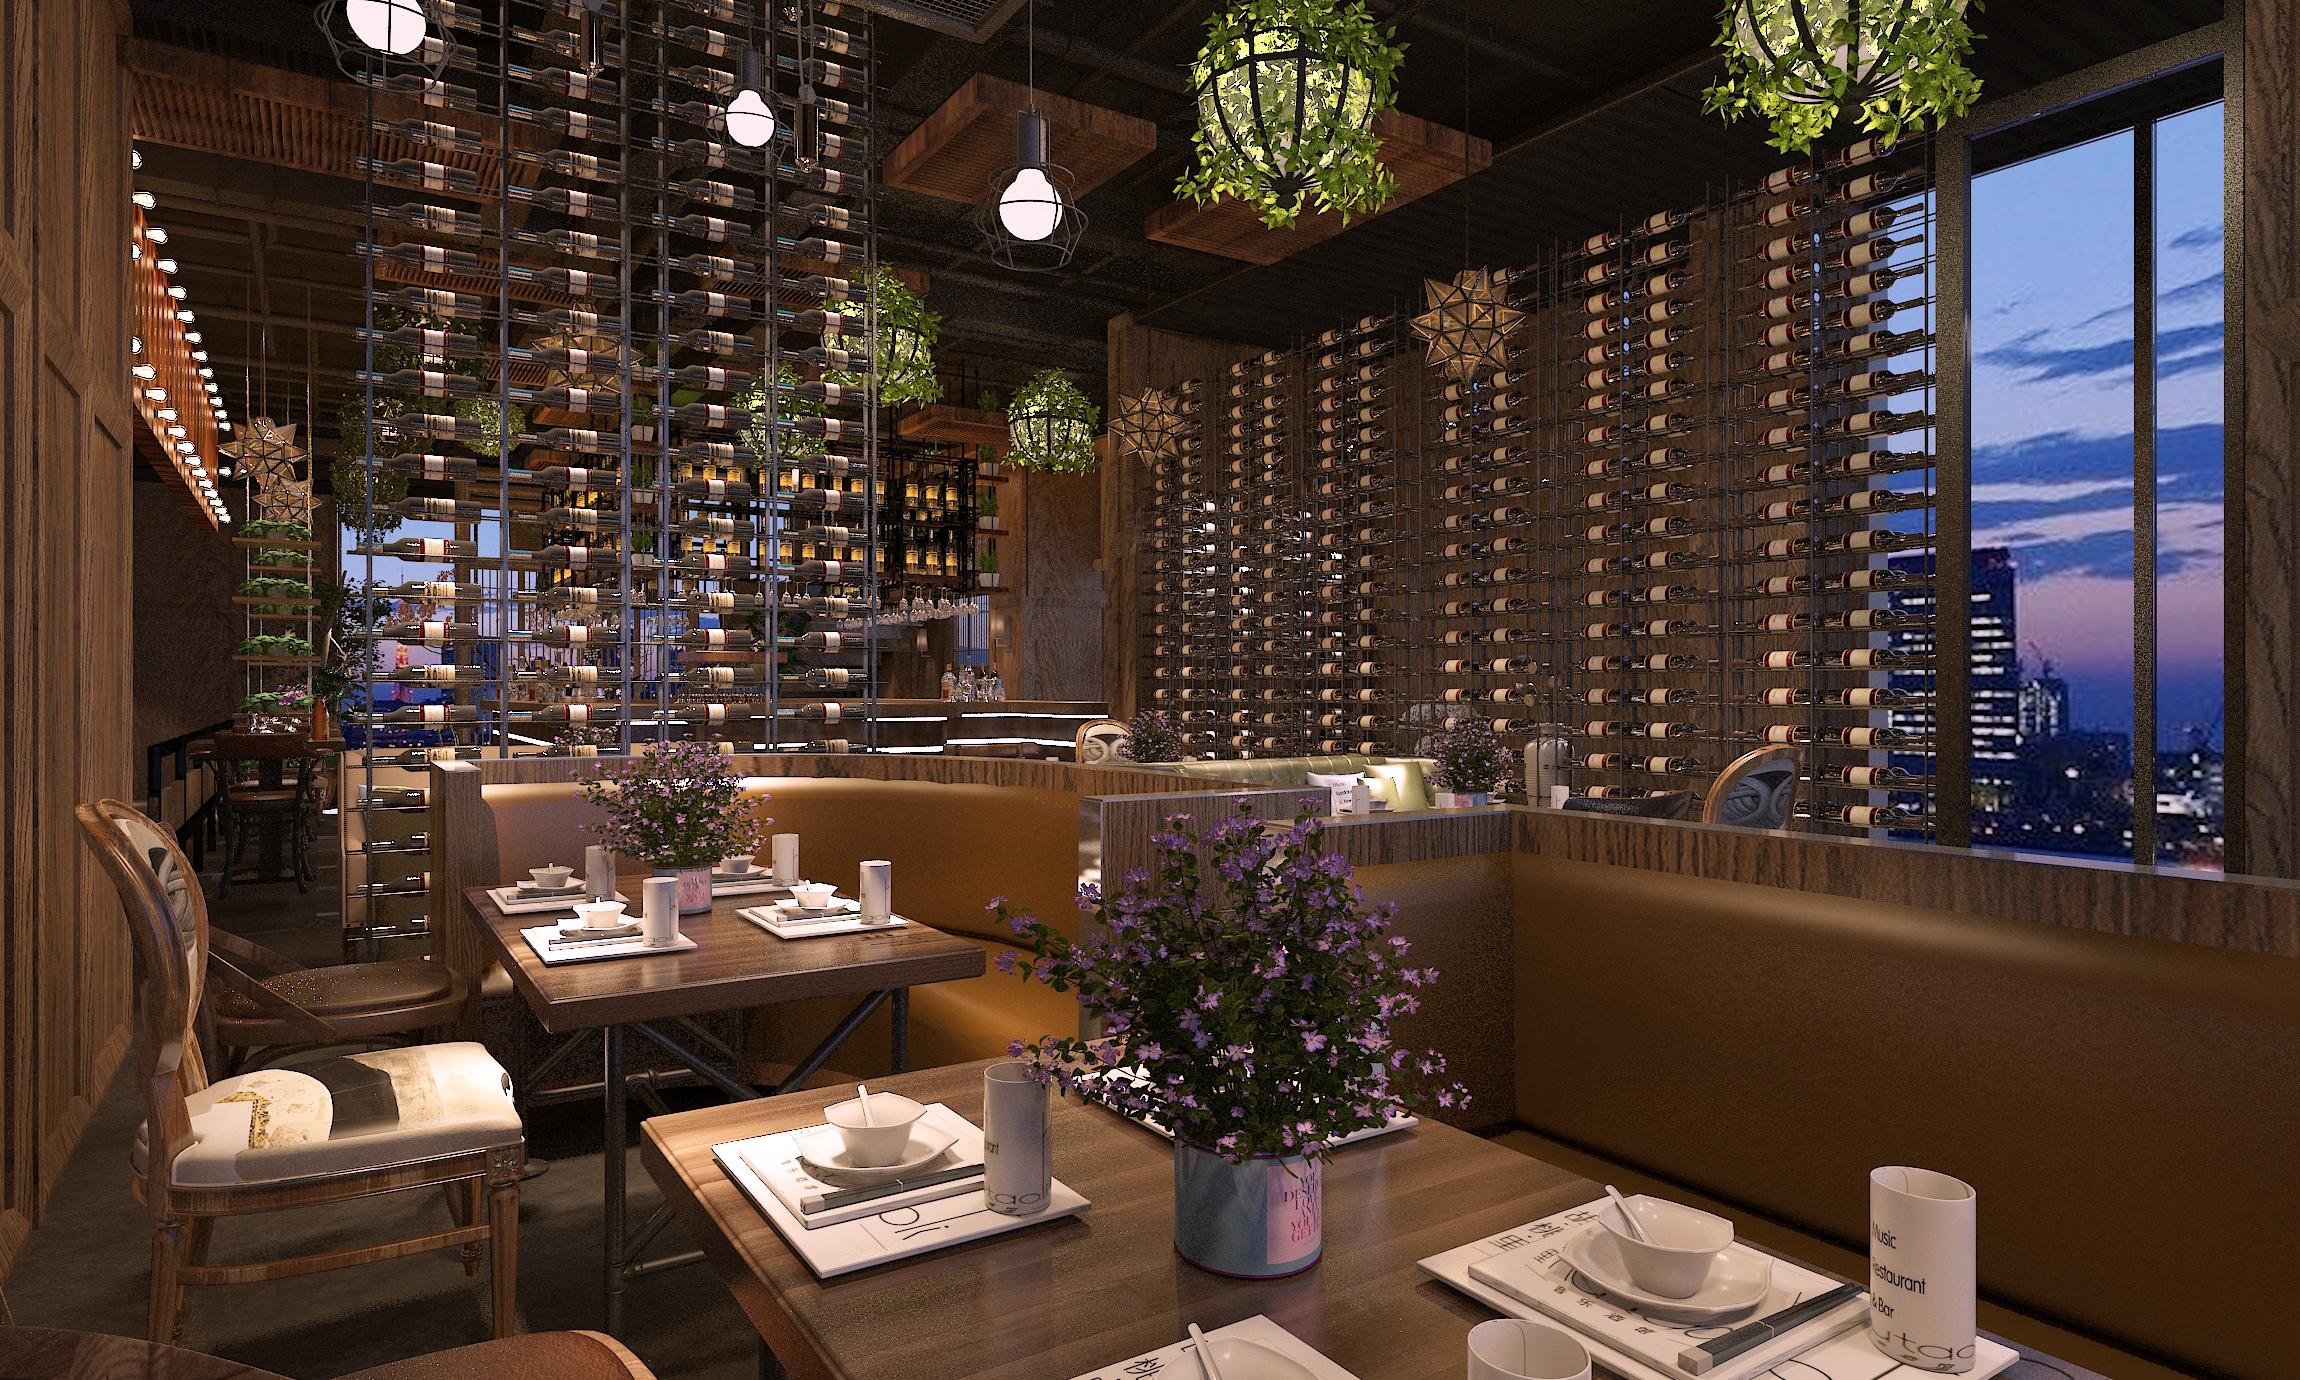 咖啡厅酒吧音乐餐厅自助餐厅火锅店烧烤餐饮店室内空间装修设计